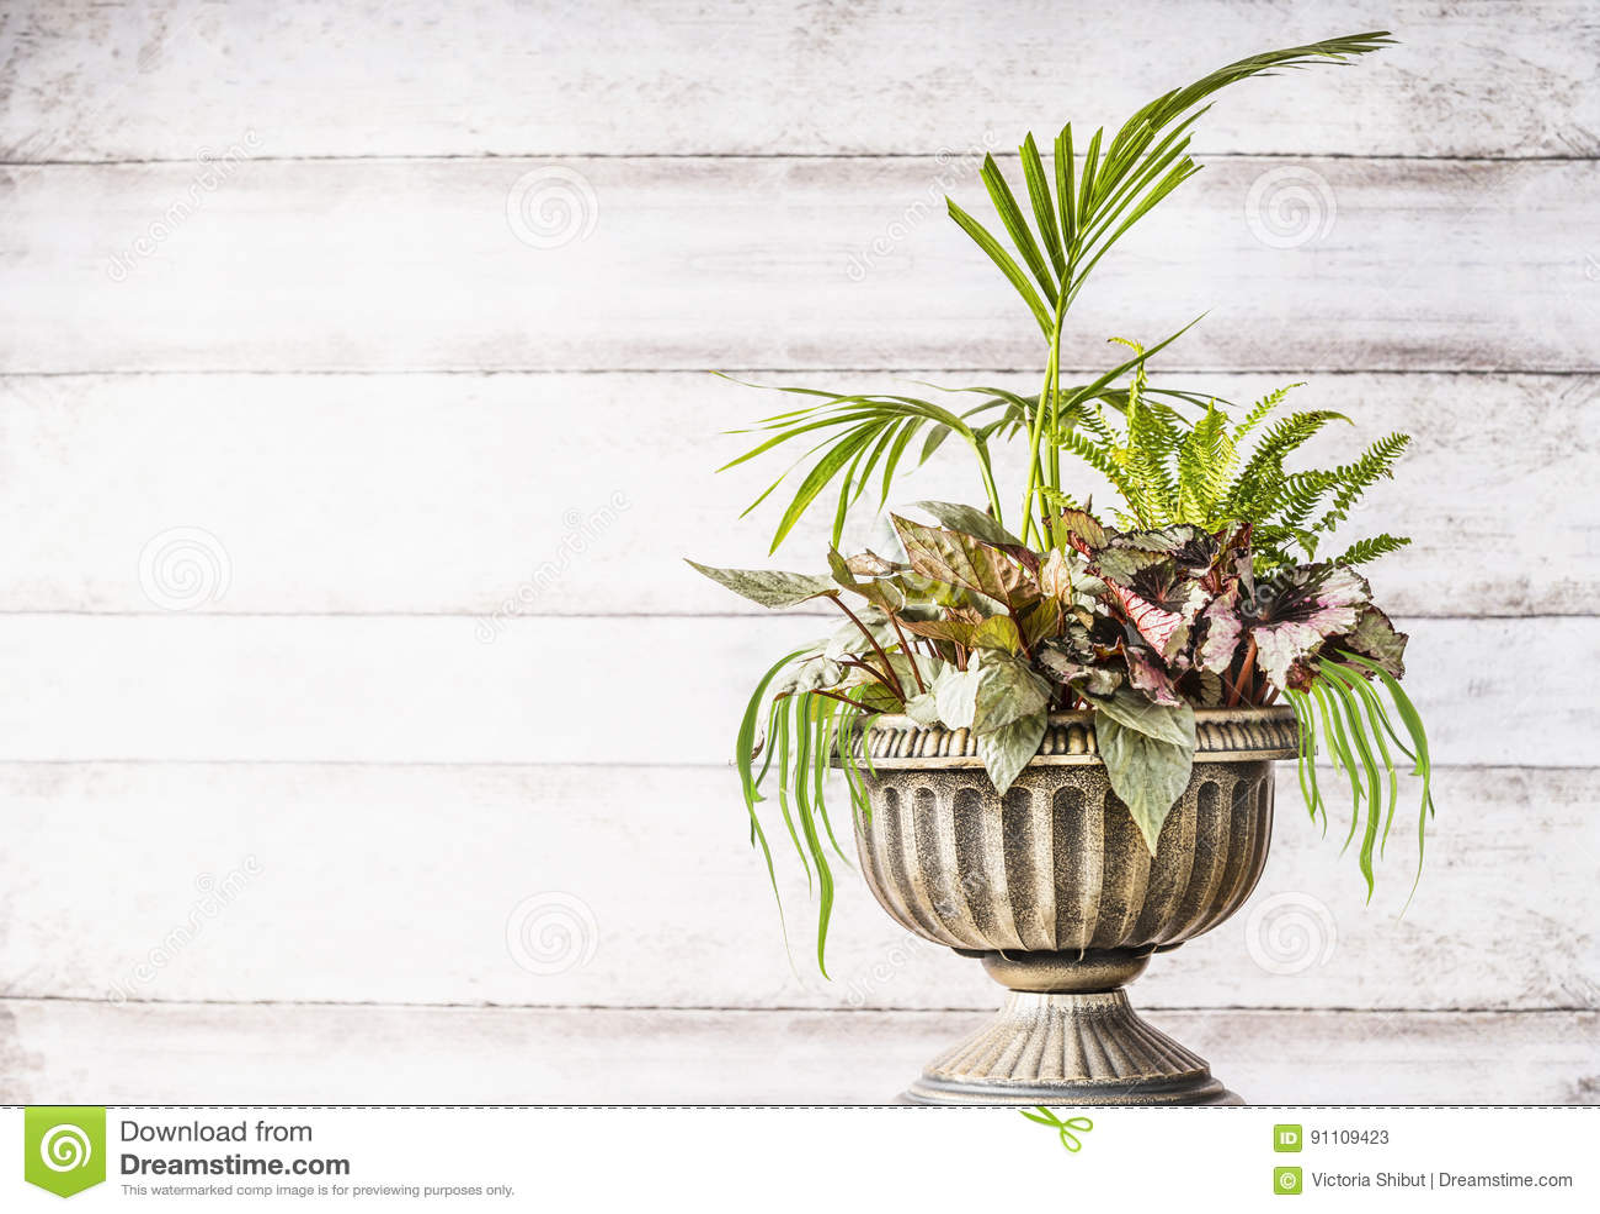 Mooie de plantersregeling van de terrasurn met mooie installatie van palm, grassen en bladbegonia s bij witte houten achtergrond,